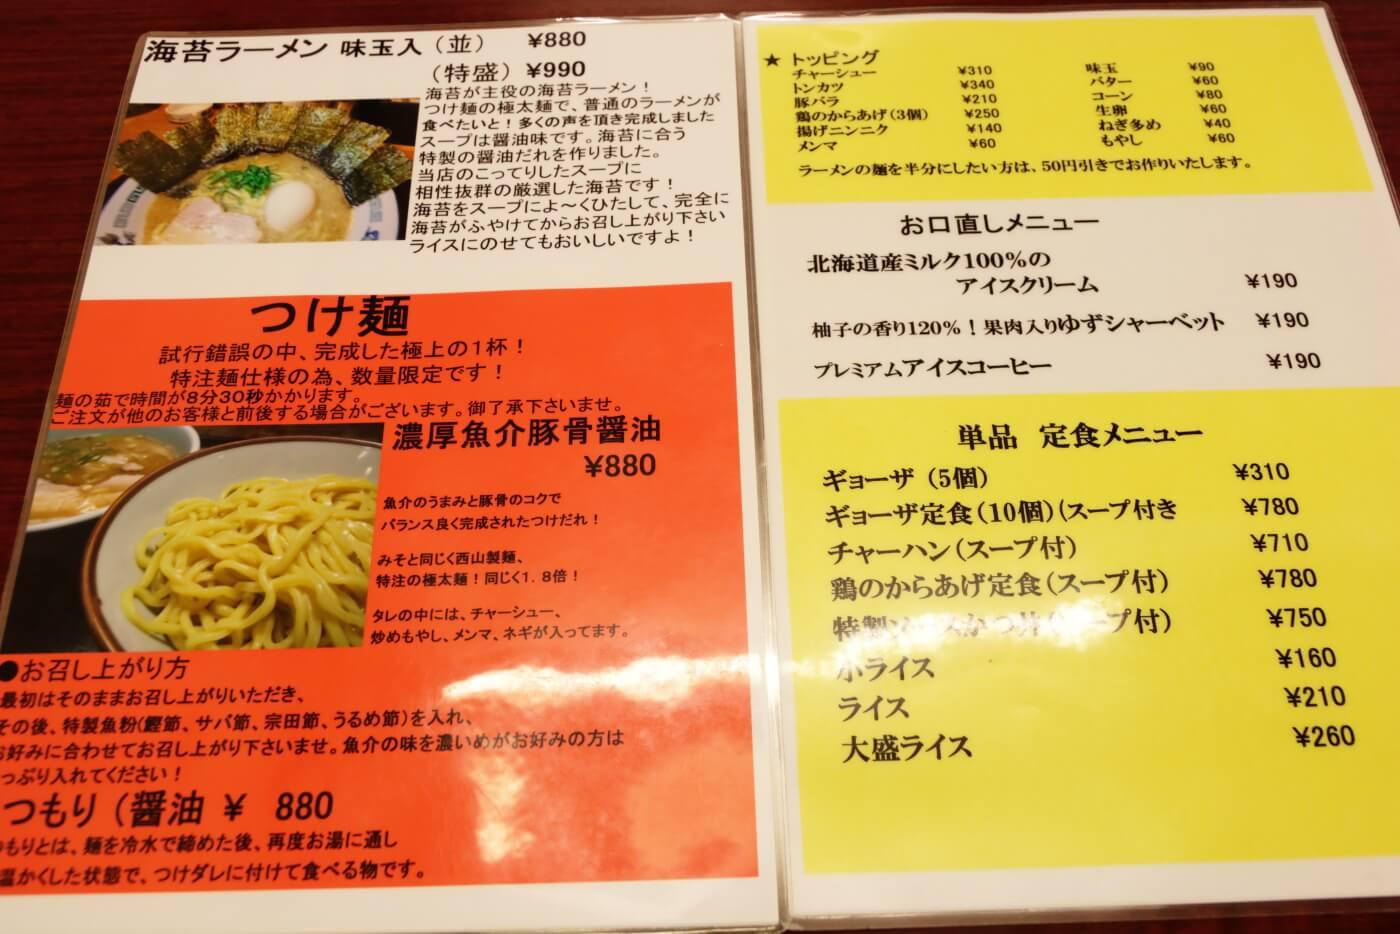 高知市にあるラーメン屋さん鈴木食堂のメニュー